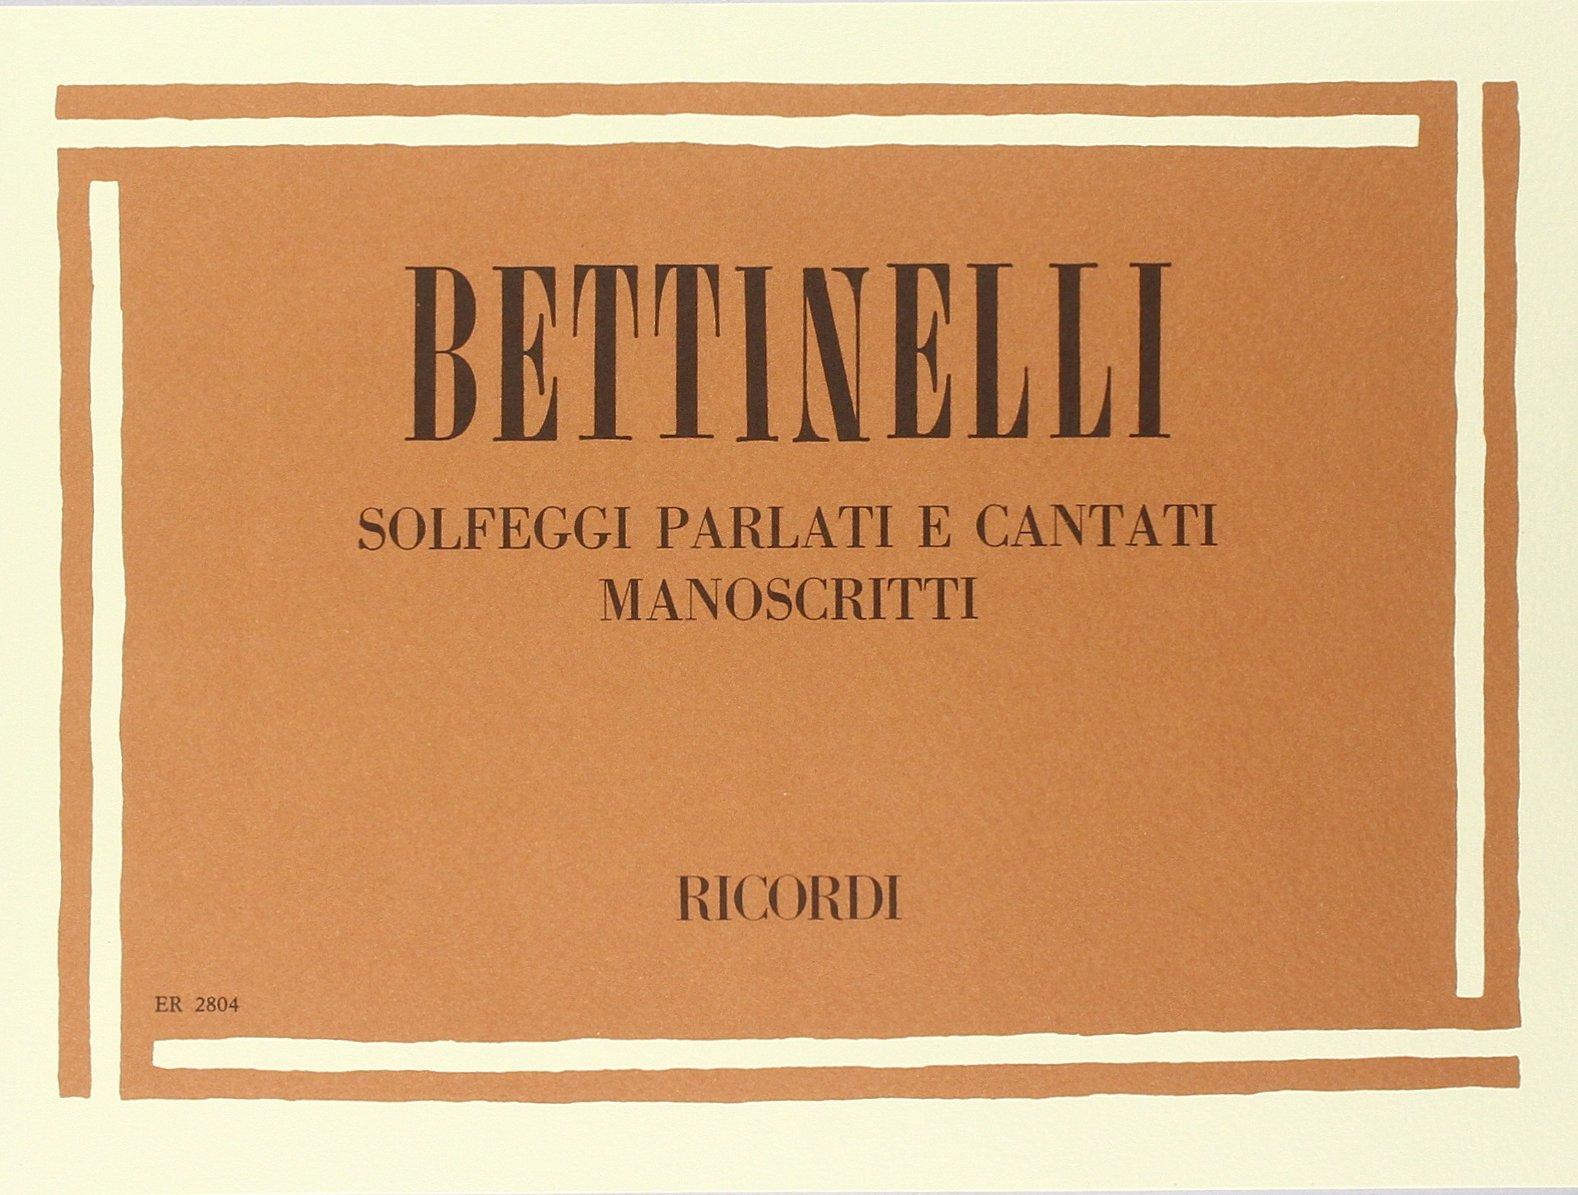 SOLFEGGI PARLATI E CANTATI MANOSCRITTI (Francese) Copertina flessibile – 11 feb 1981 BETTINELLI B. Ricordi 0041828046 Musique